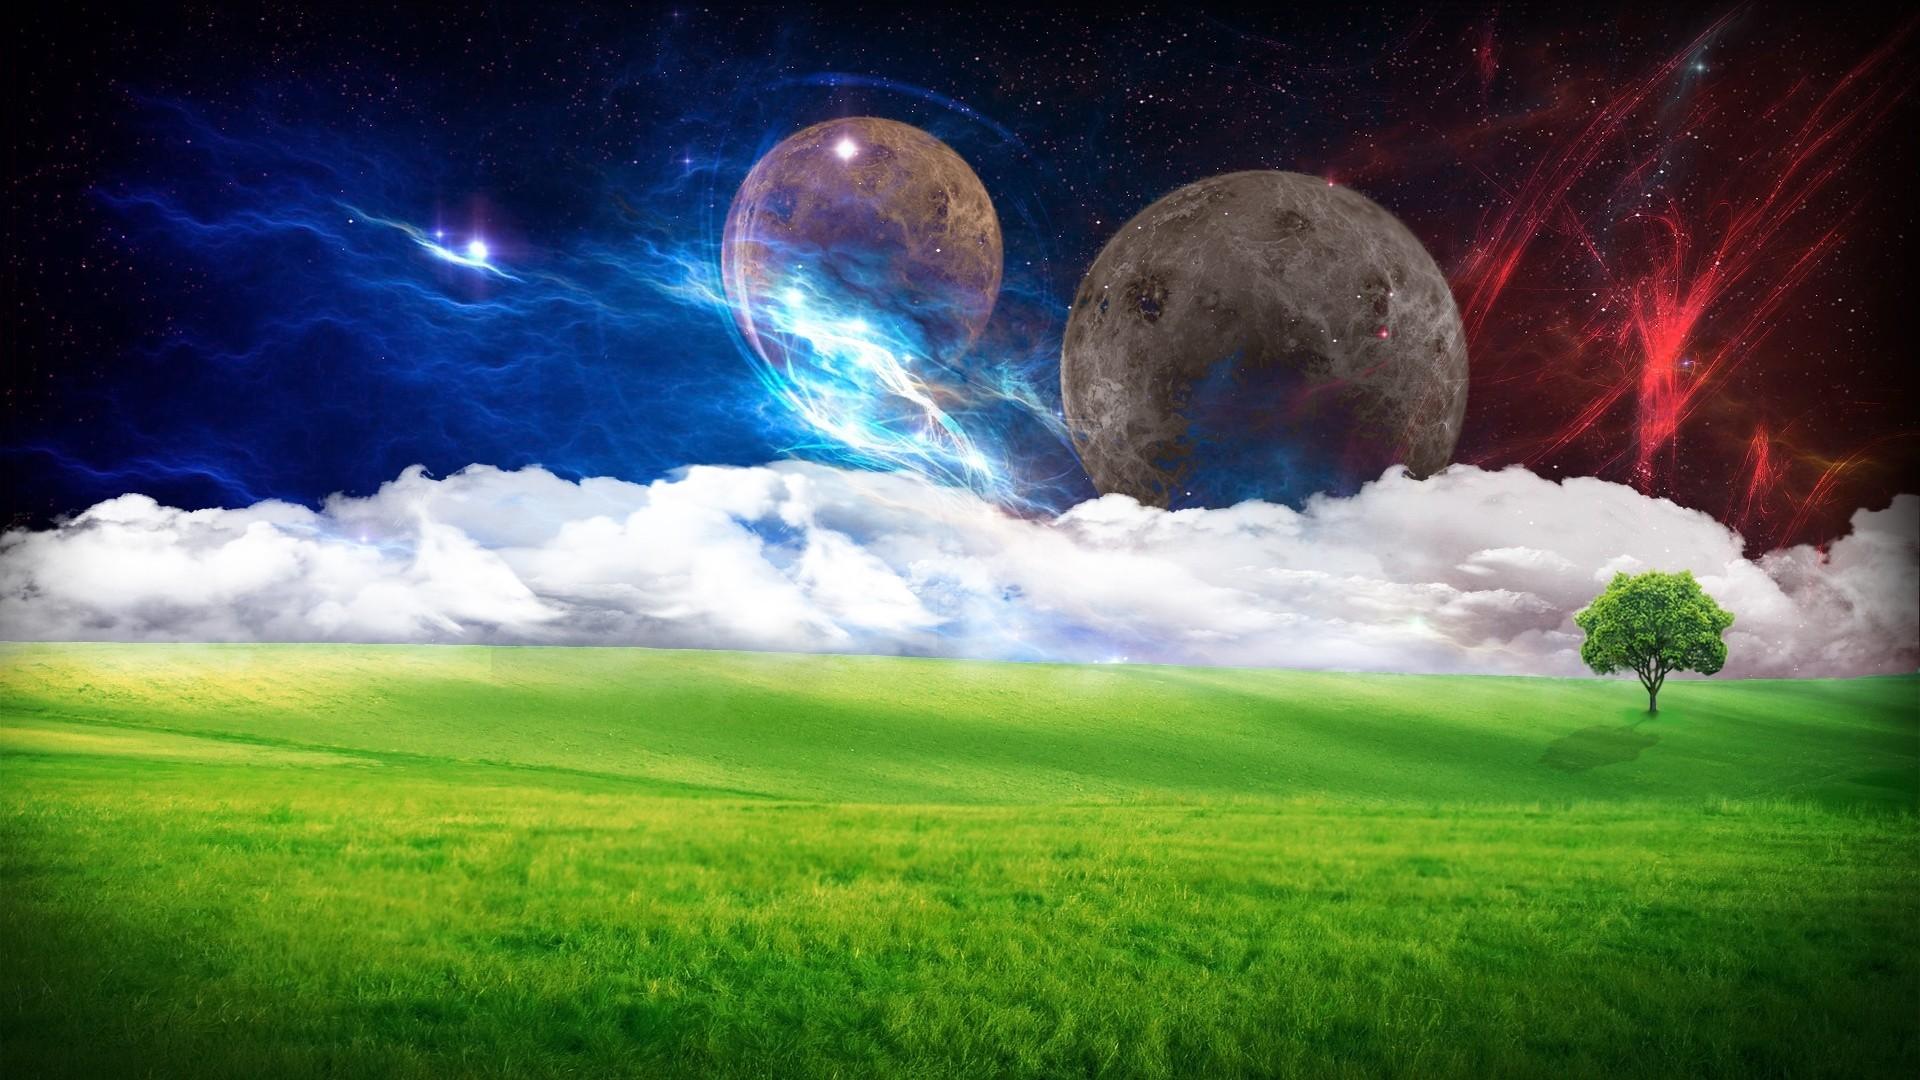 Космос обои на рабочий стол. Галактики, туманности, звезды ...